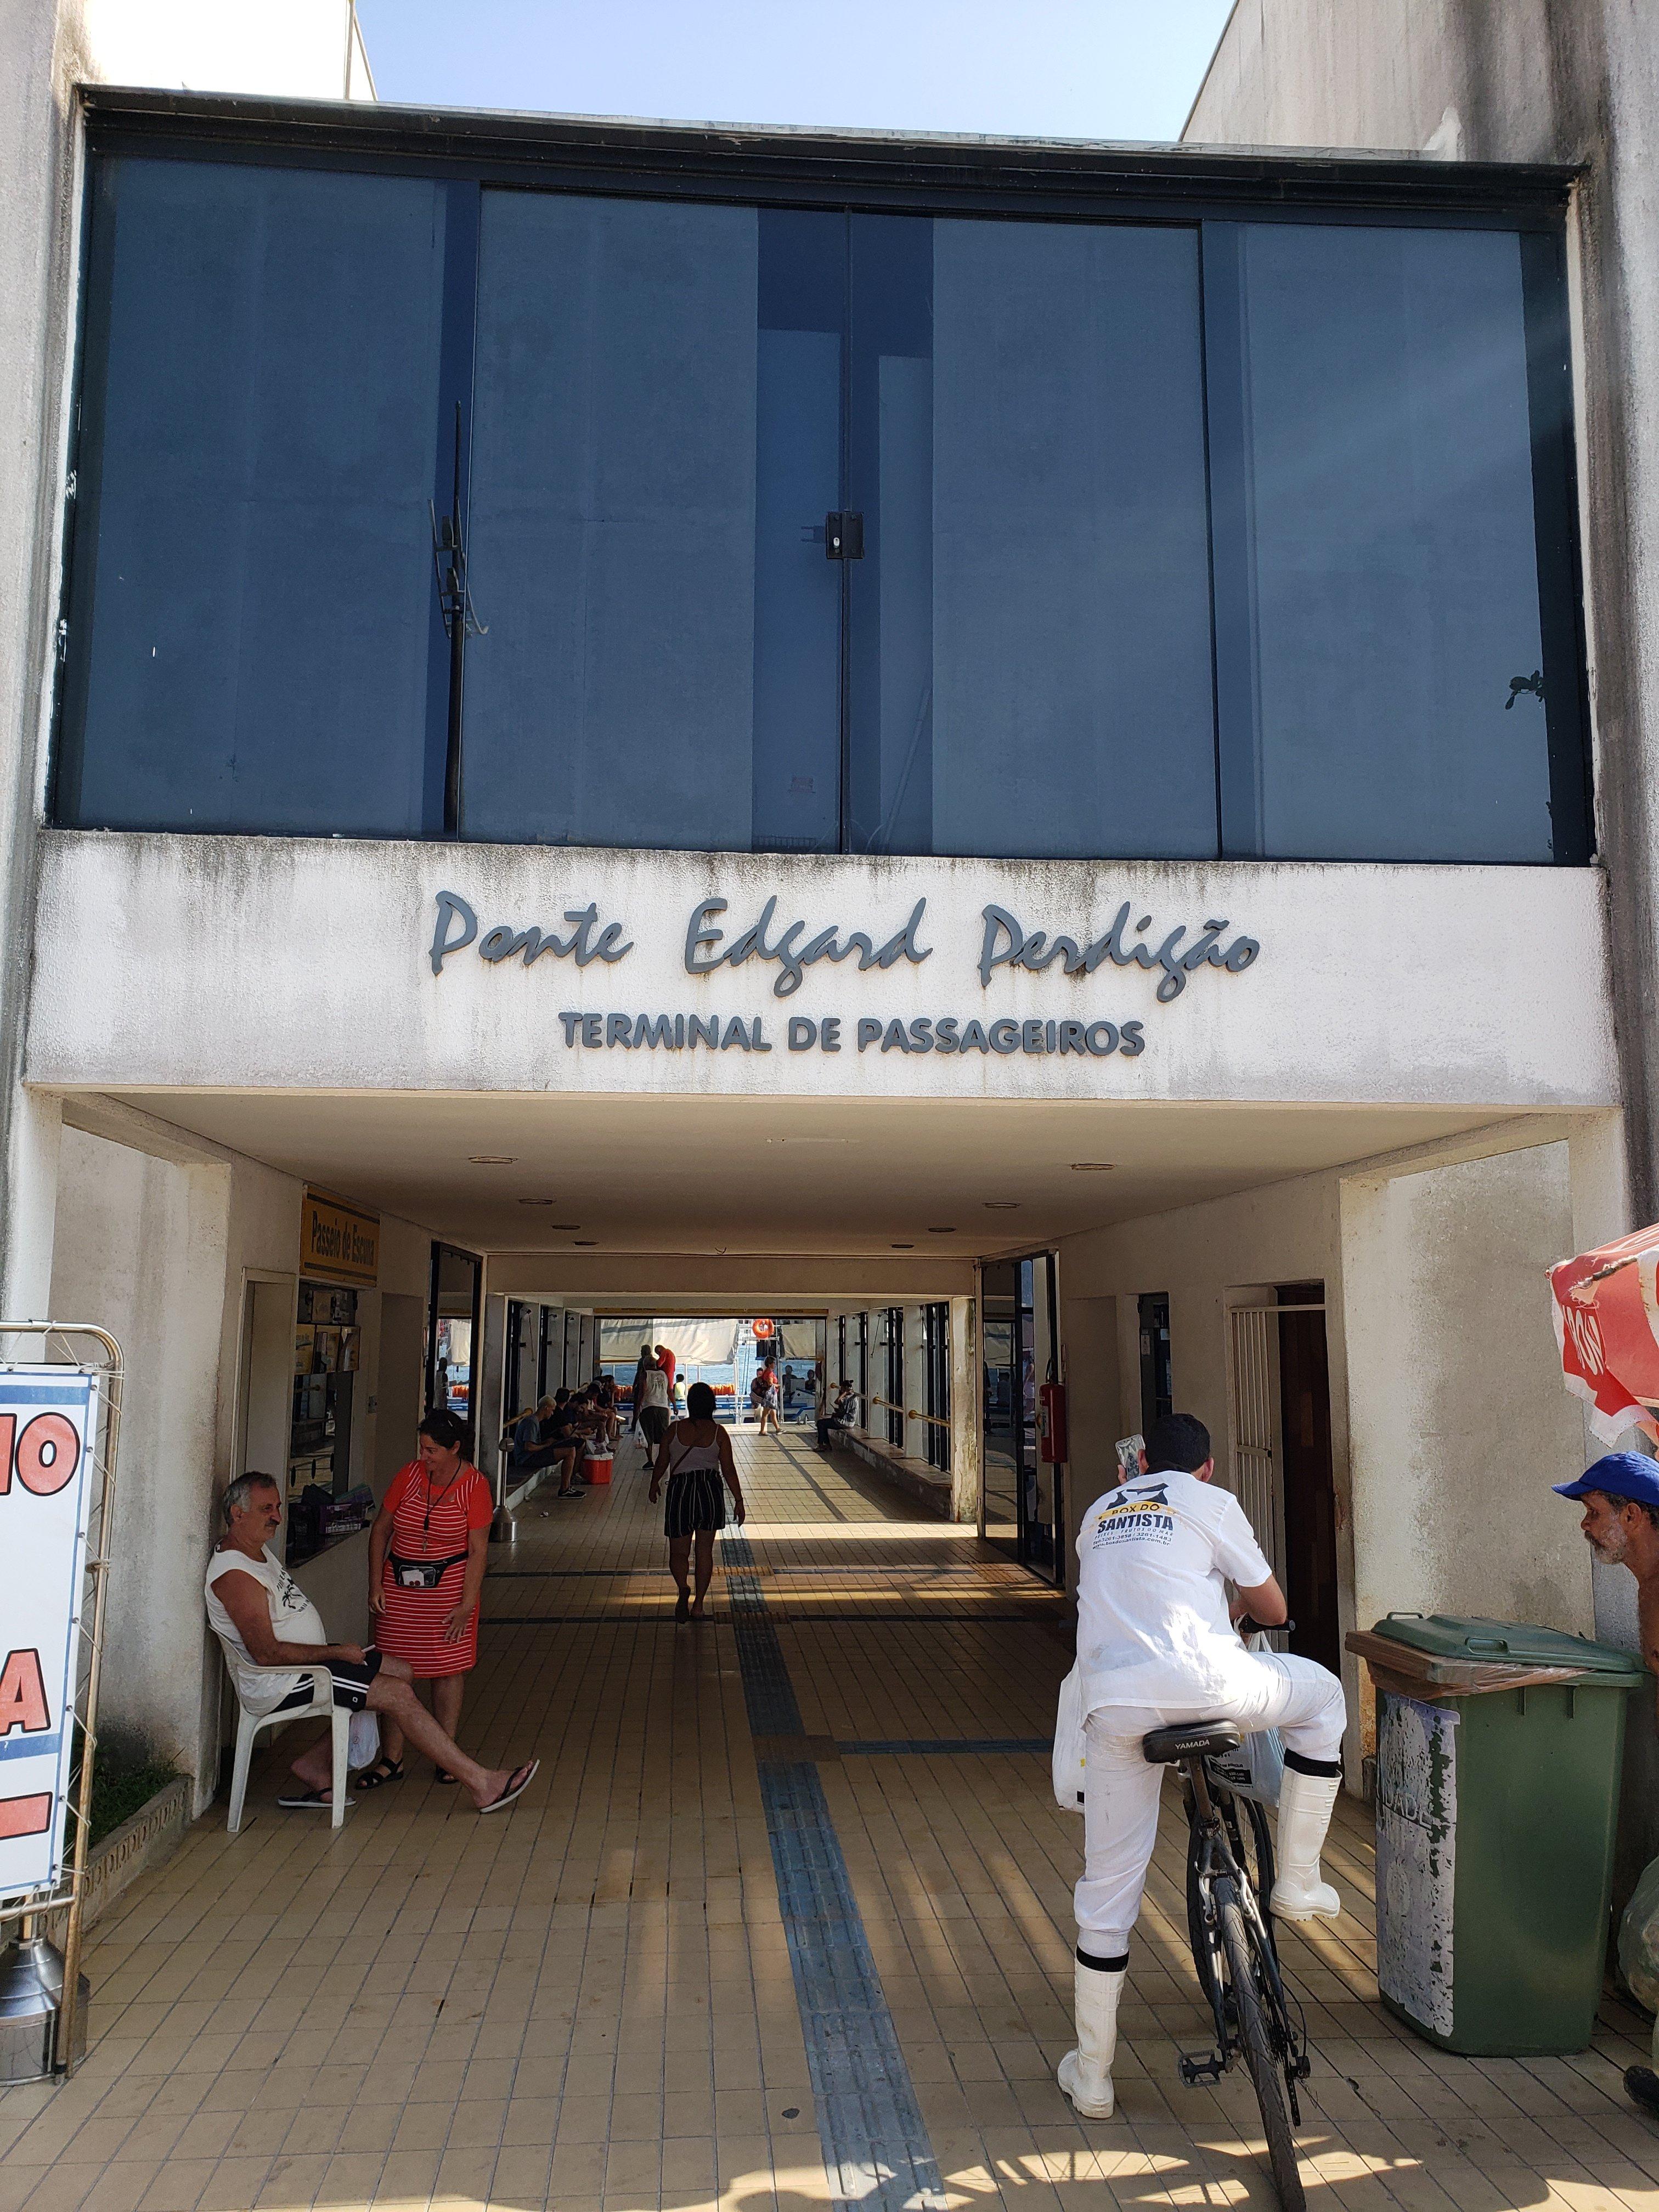 Terminal de Passageiros